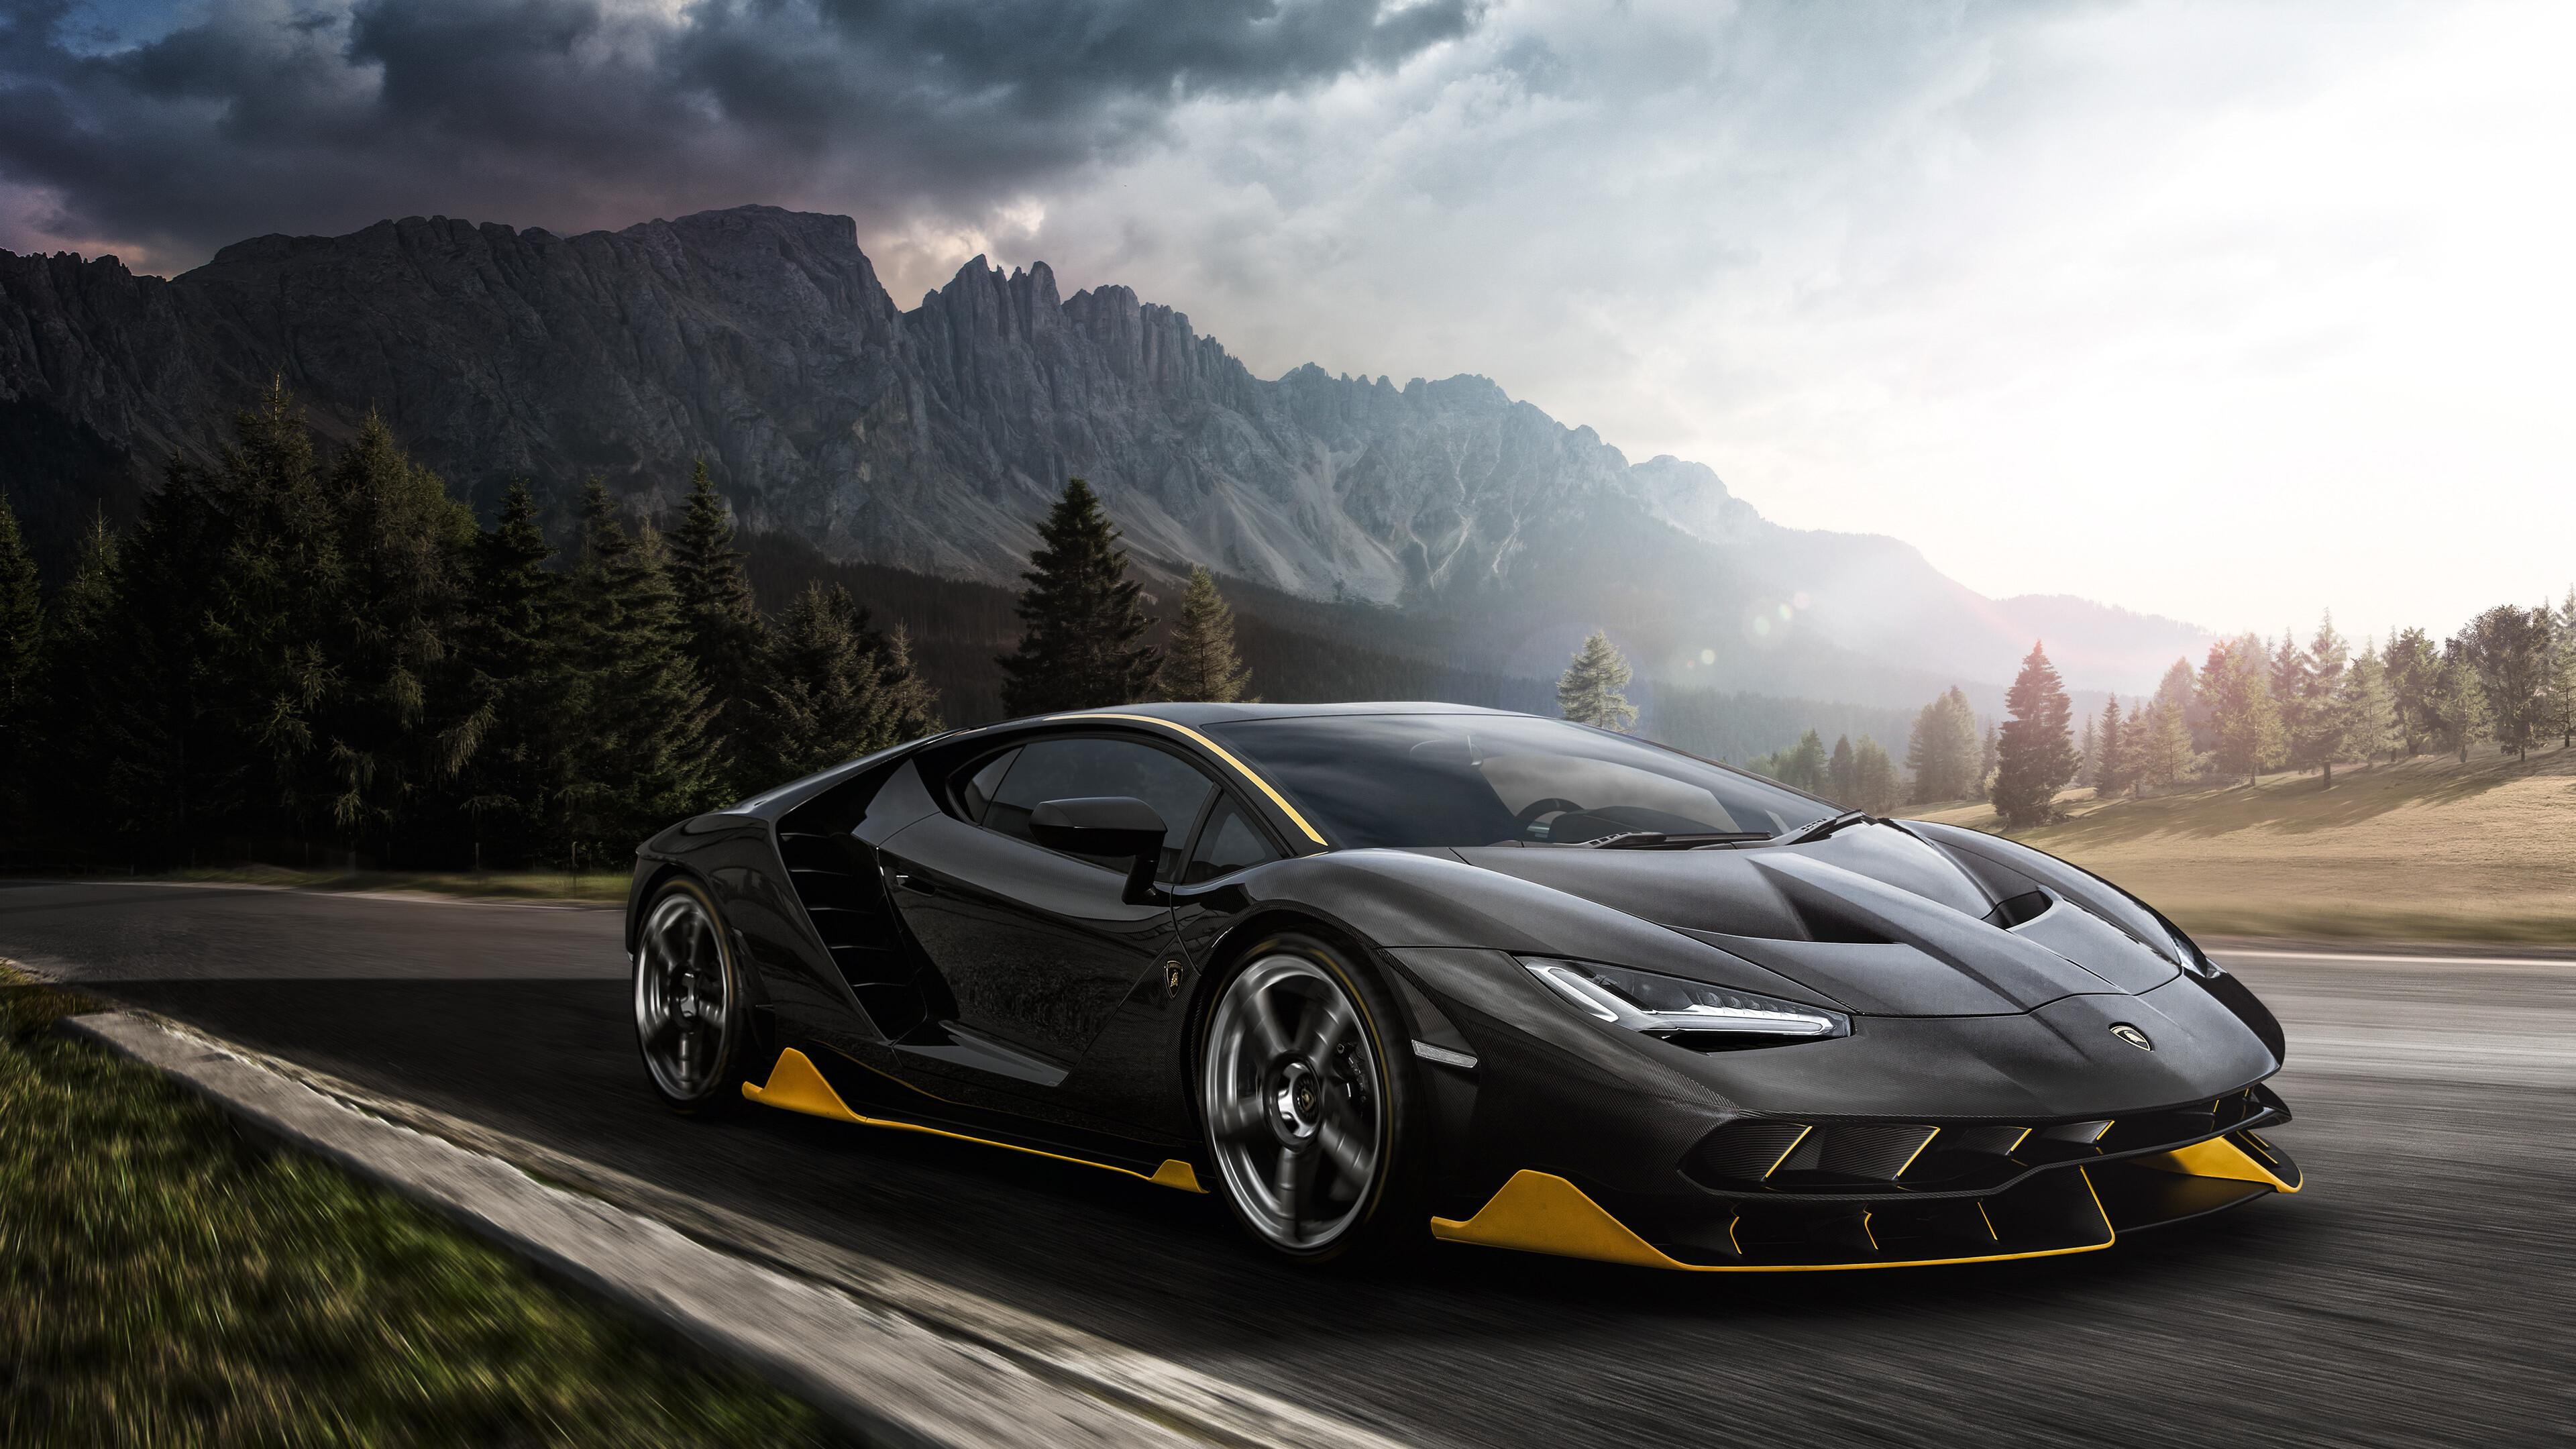 3840x2160 Black Lamborghini Aventador 4k 2018 4k HD 4k ...